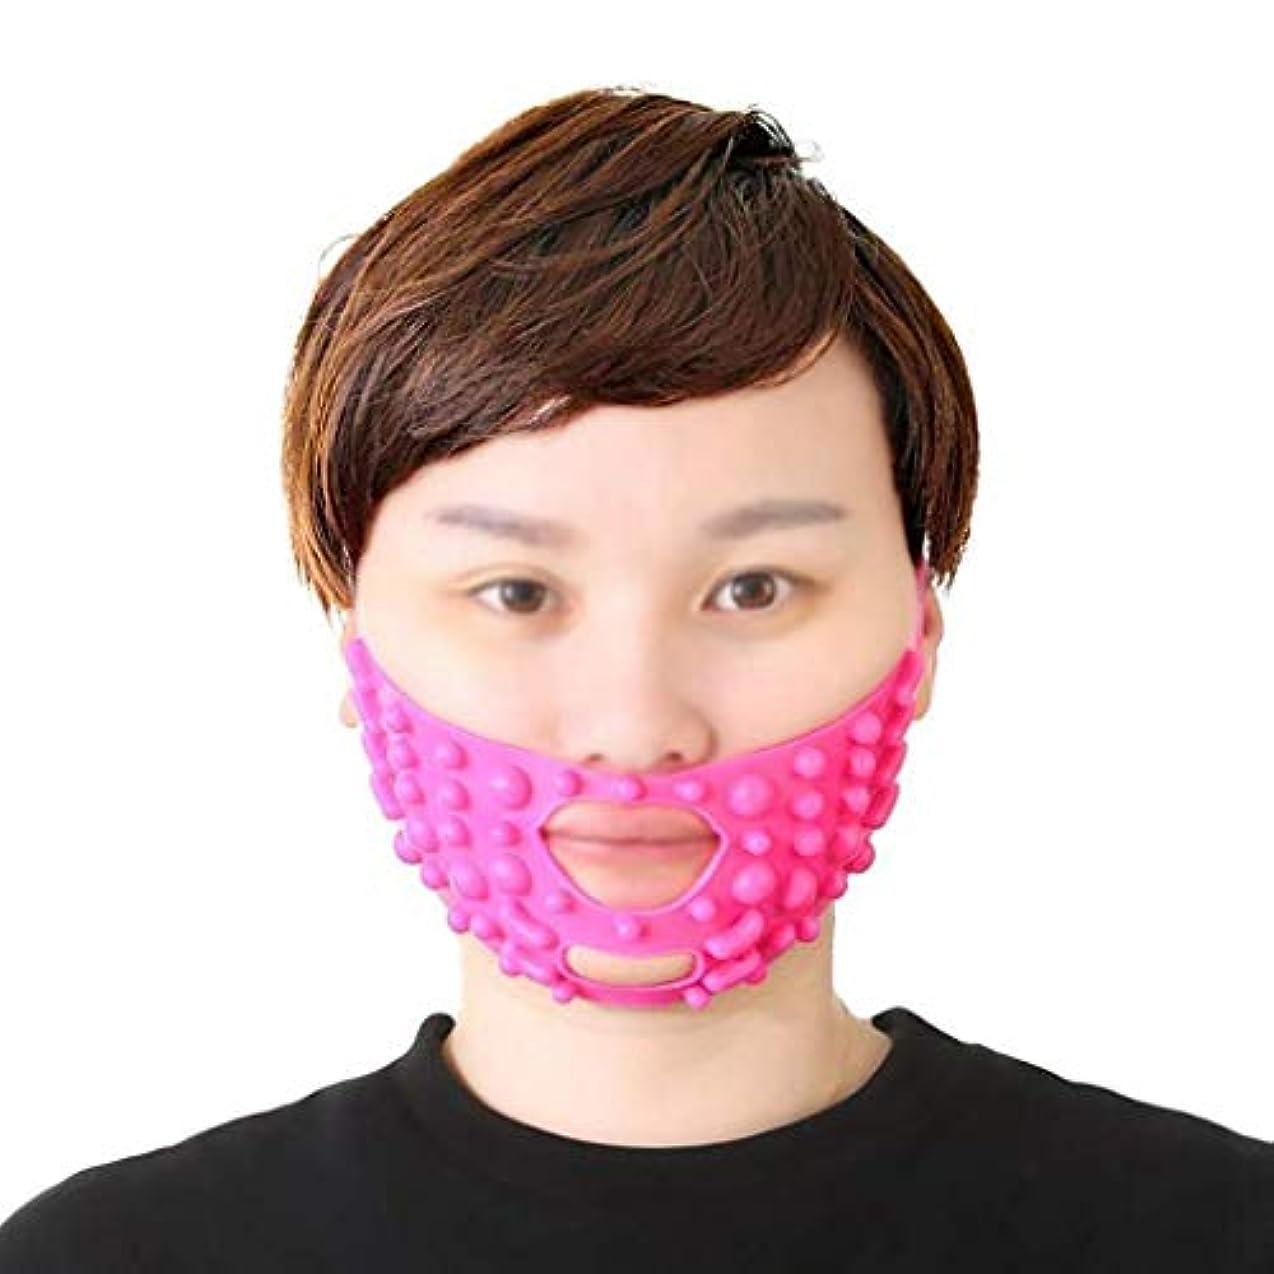 ドレインベッツィトロットウッド保証金フェイスリフトマスク、チンストラップシリコーンVフェイスマスクフェイスマスク強力な包帯V顔アーティファクトスモールV顔包帯顔と首リフトピンクシリコーン包帯